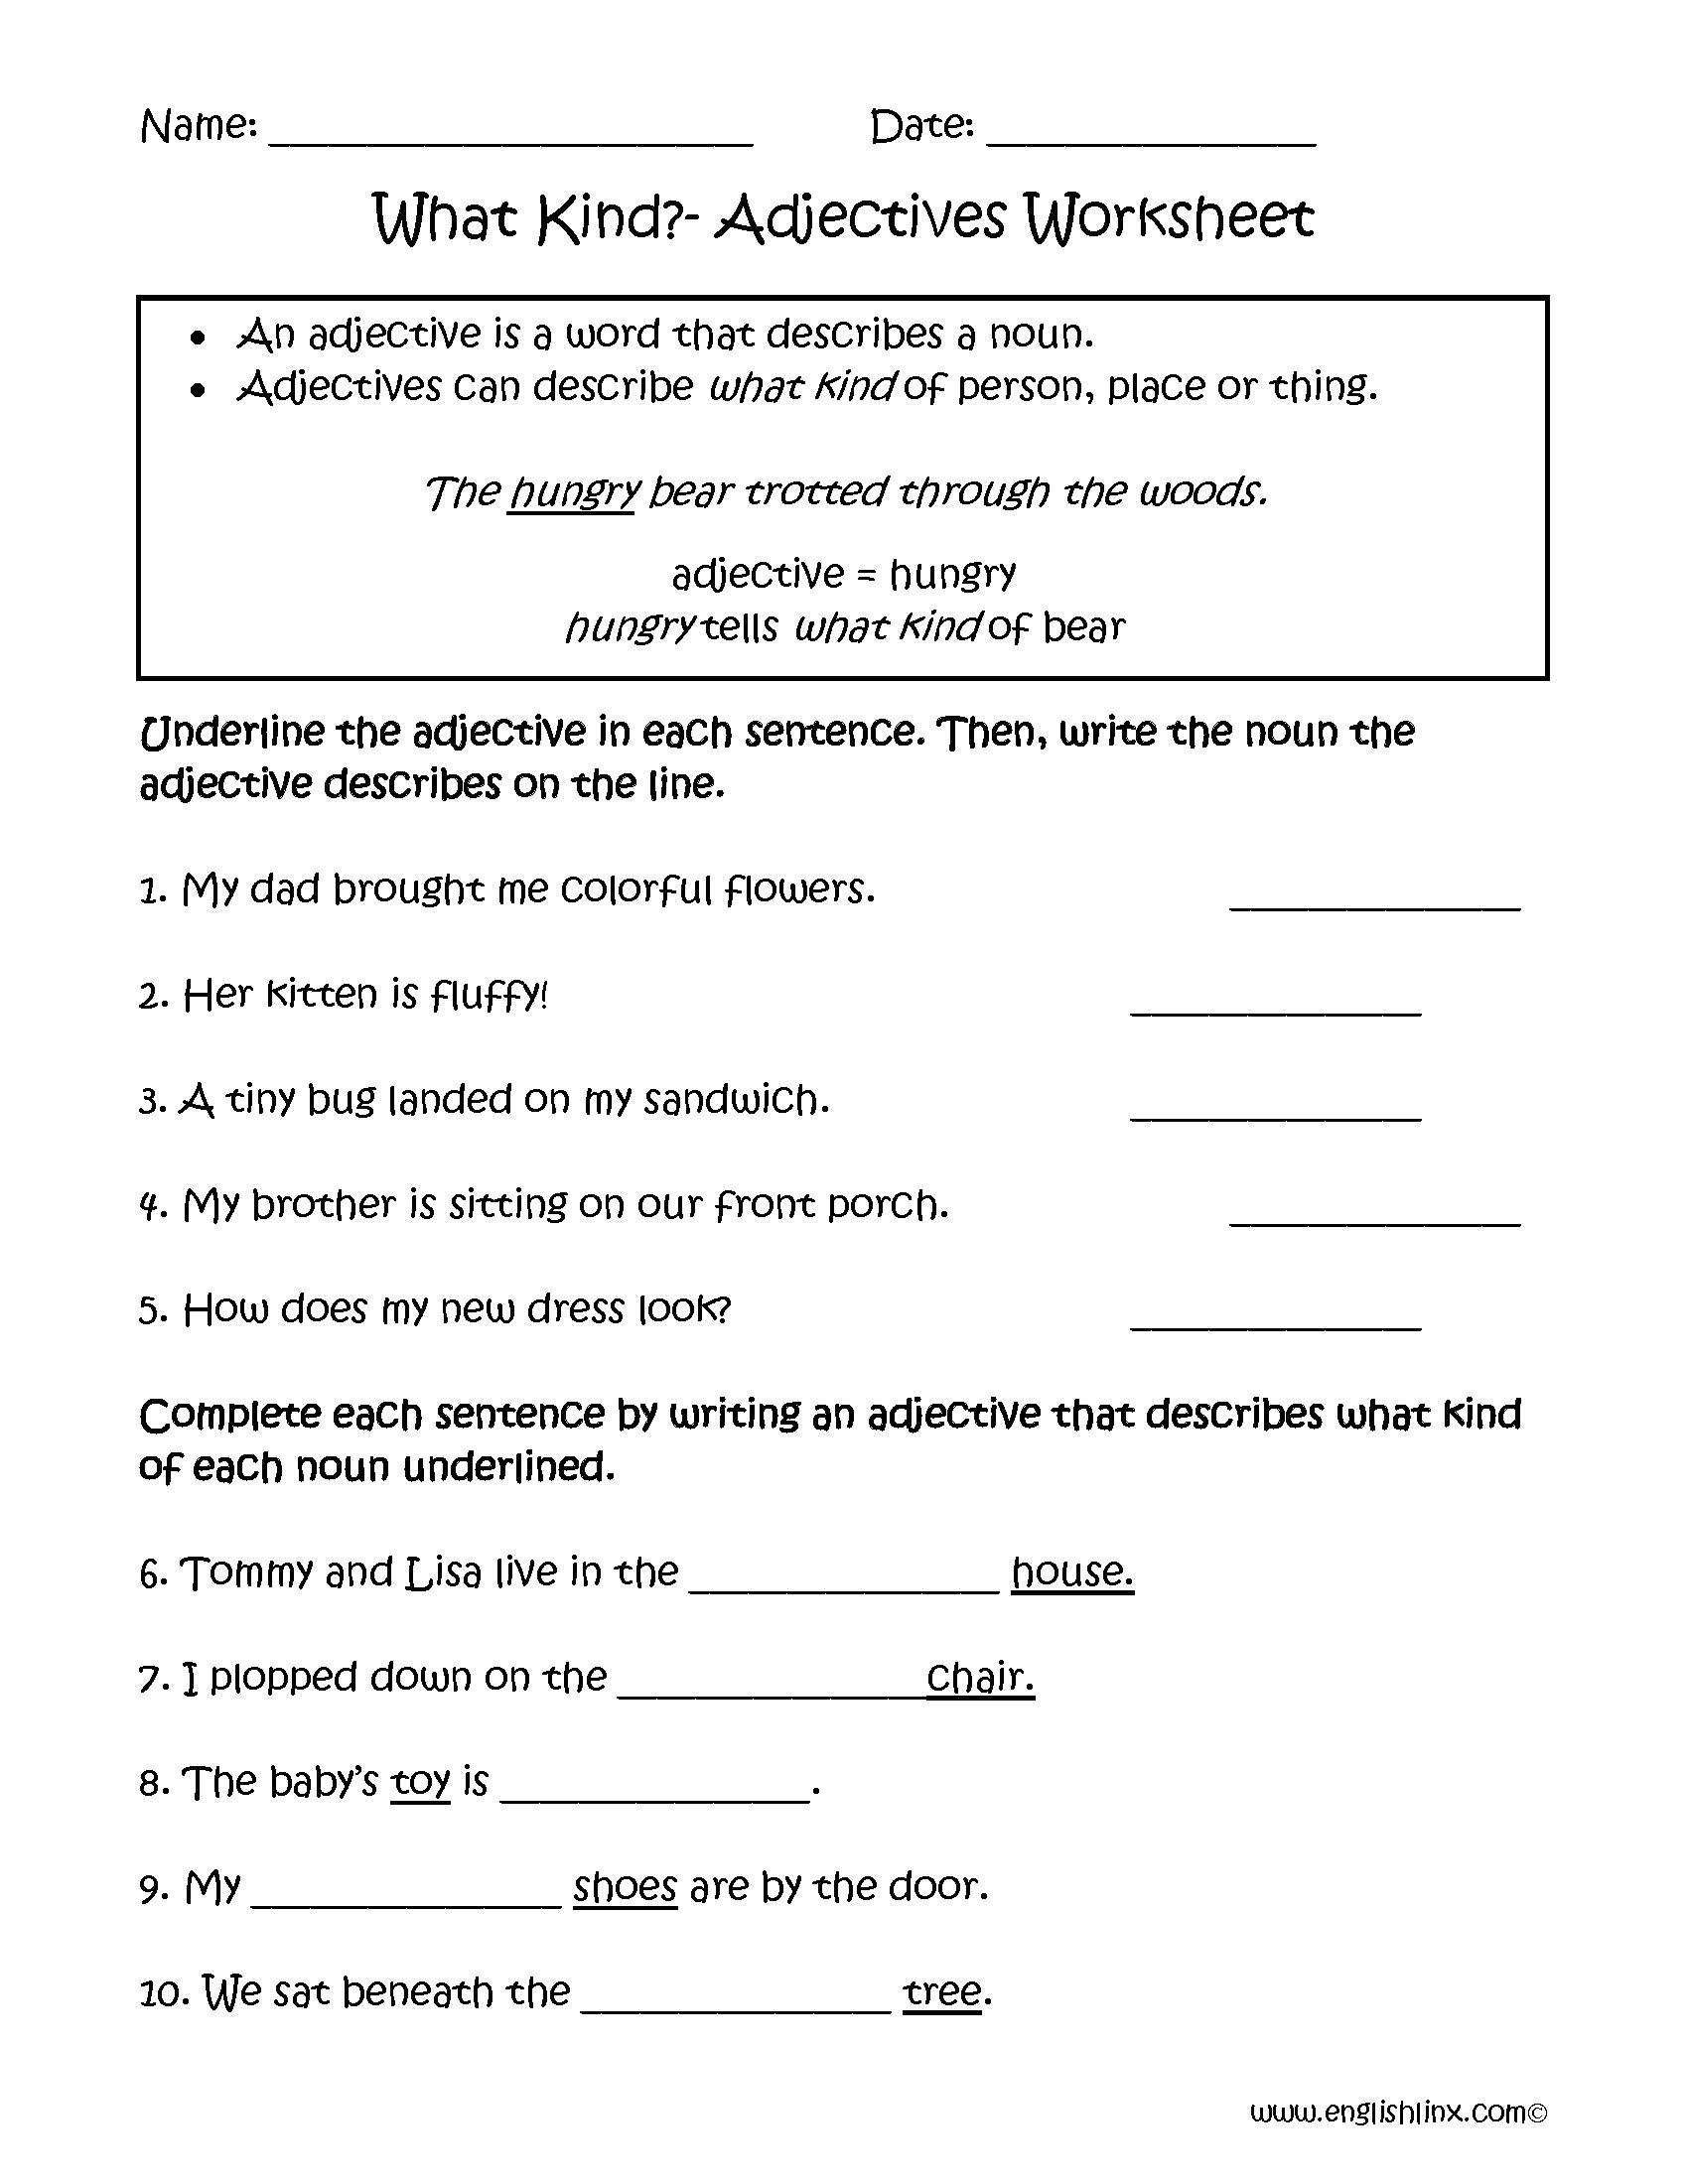 Adjectives Worksheets  Regular Adjectives Worksheets With Regard To Adjectives Worksheets For Grade 4